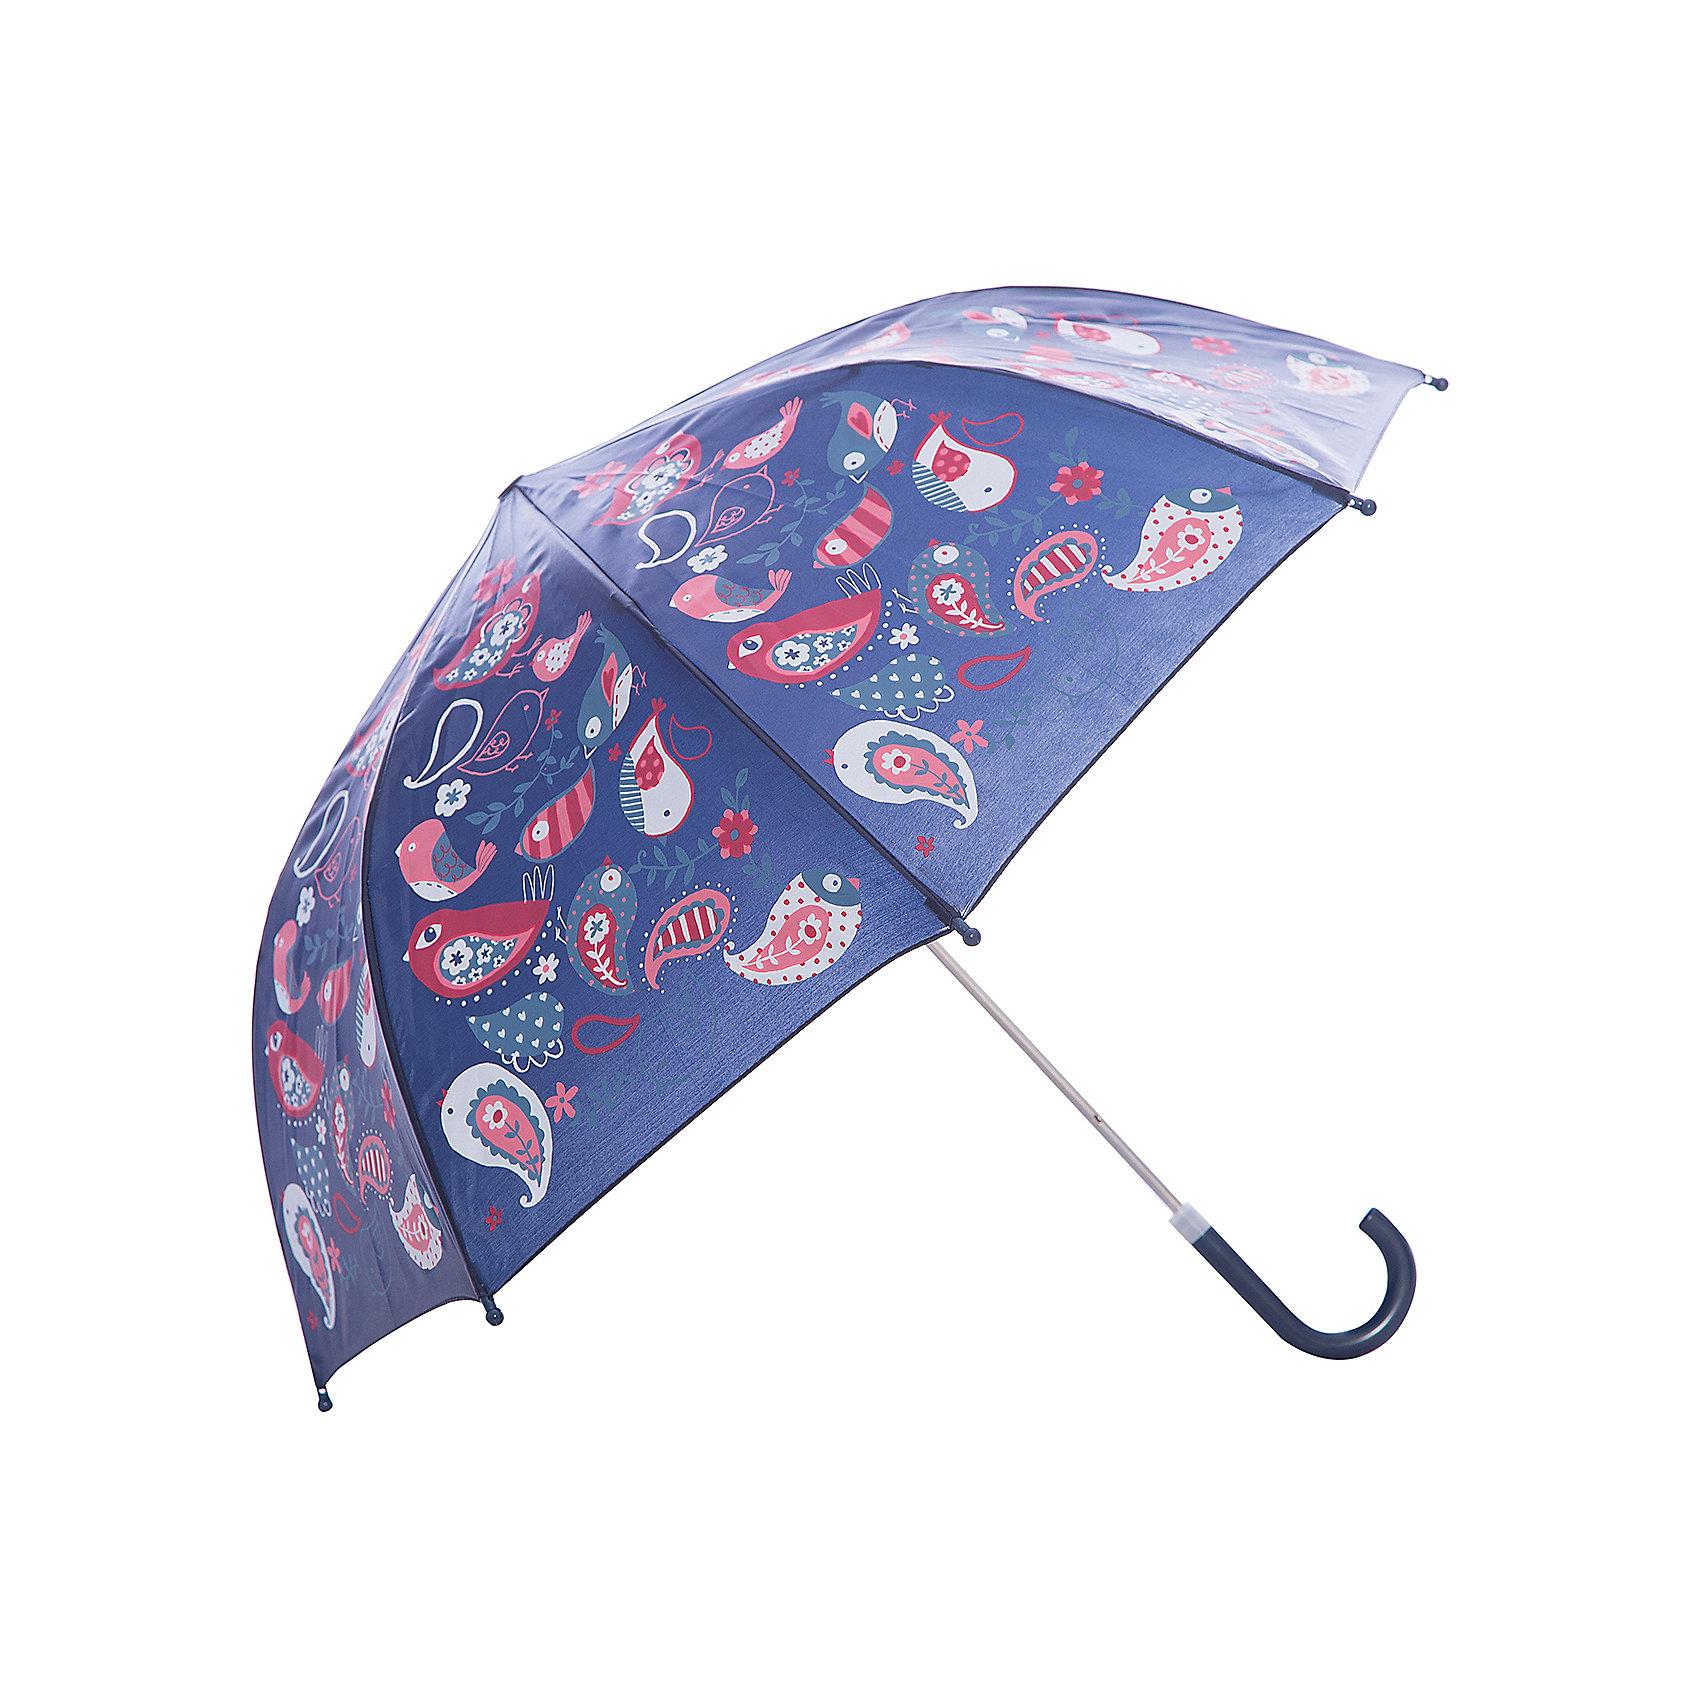 Зонт детский Веселые птички, 46 см.Зонты детские<br>Зонт детский Веселые птички, 46 см., Mary Poppins (Мэри Поппинс)<br><br>Характеристики:<br><br>• устойчив к ветру<br>• система складывания: механическая<br>• пластиковые наконечники на спицах<br>• прочное крепление купола<br>• длина ручки: 57 см<br>• радиус купола: 46 см<br>• материал: полиэстер, металл, пластик<br>• размер упаковки: 58х8х4 см<br><br>Зонт Веселые птички порадует ребенка красивым дизайном, а родители смогут оценить высокое качество изготовления. Купол зонта оформлен красочным принтом с разнообразными птичками. Купол надежно закреплен на металлическом каркасе и устойчив даже к сильному ветру. Спицы дополнены закругленными наконечниками из пластика. В собранном виде зонтик застегивается на липучку. Яркий зонтик защит ребенка от дождя и поднимет настроение в непогоду.<br><br>Зонт детский Веселые птички, 46 см., Mary Poppins (Мэри Поппинс) вы можете купить в нашем интернет-магазине.<br><br>Ширина мм: 580<br>Глубина мм: 400<br>Высота мм: 800<br>Вес г: 180<br>Возраст от месяцев: 36<br>Возраст до месяцев: 2147483647<br>Пол: Женский<br>Возраст: Детский<br>SKU: 5508503